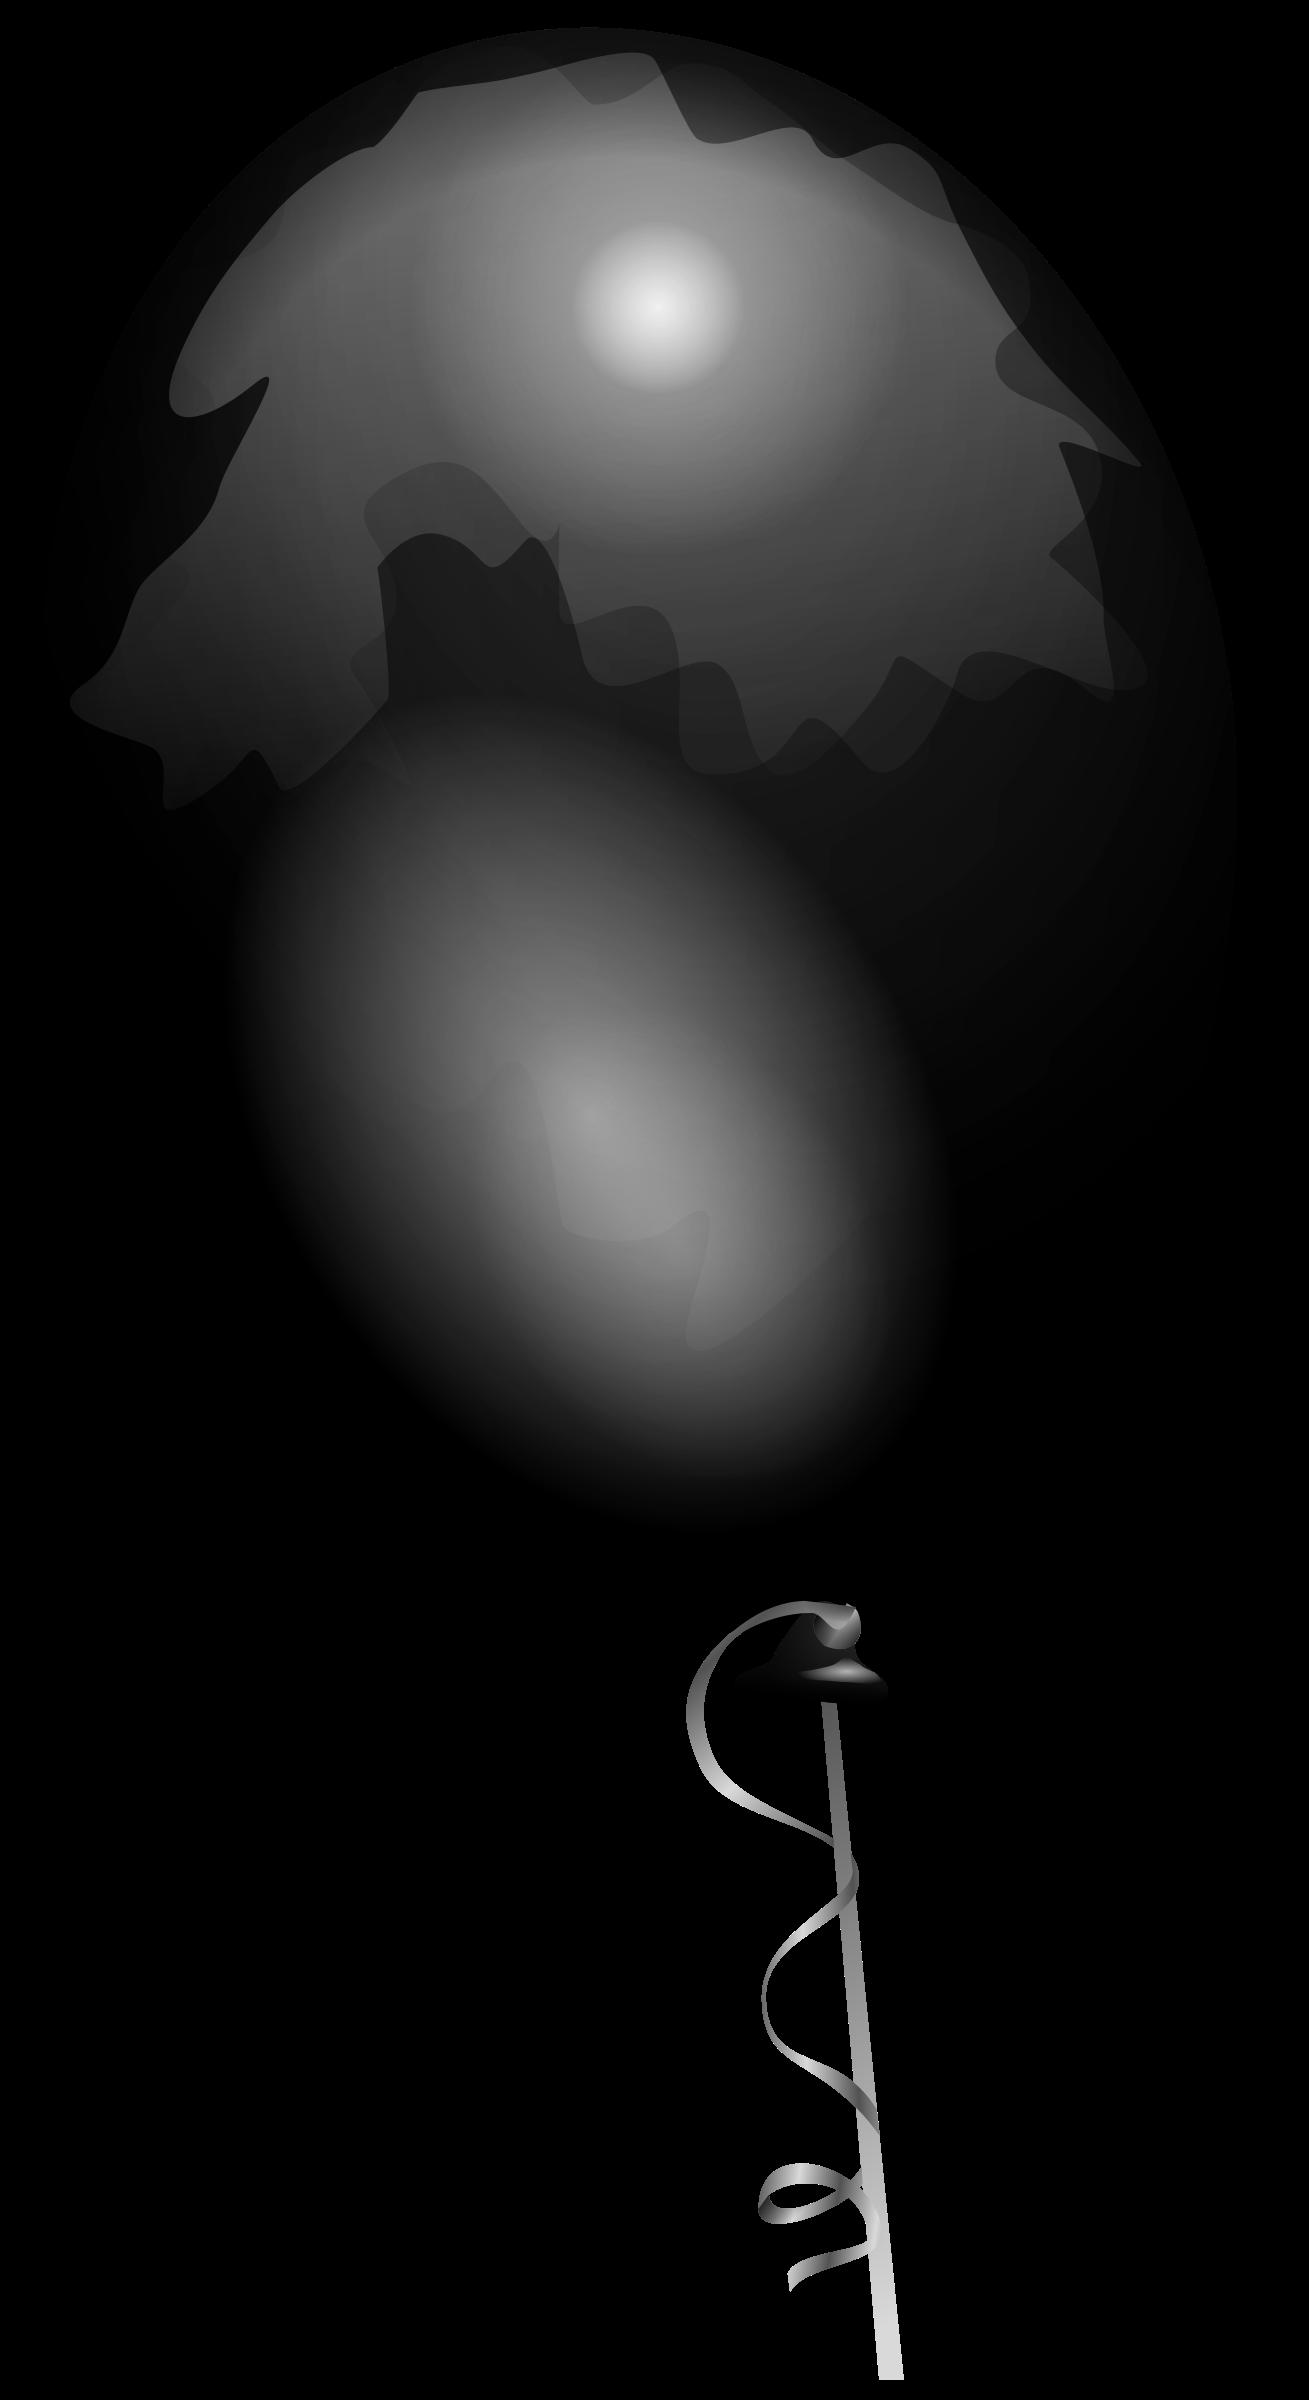 Big image png. Clipart balloon grey